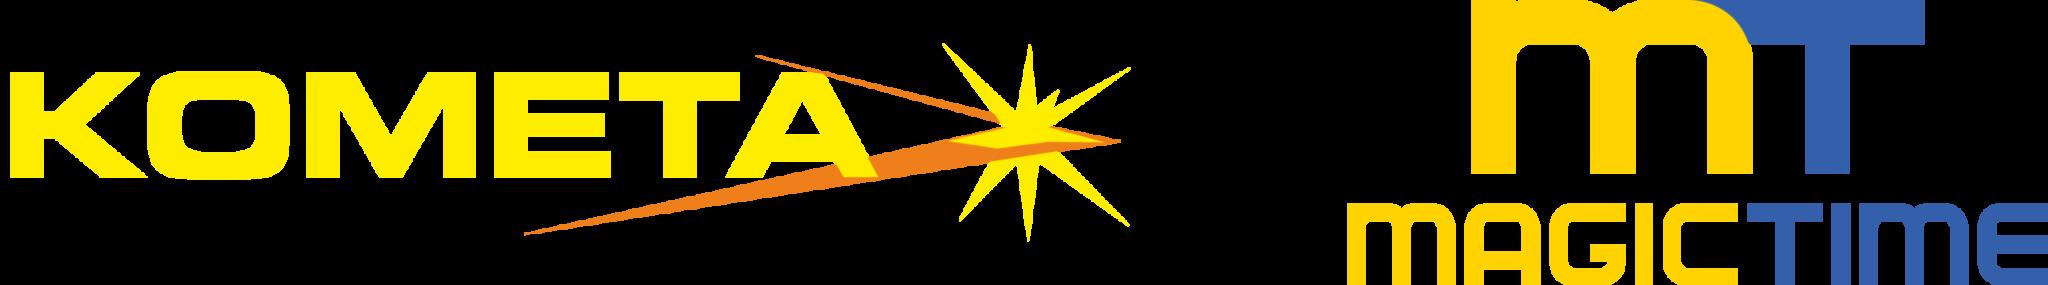 Kometa fajerwerki Bydgoszcz - logo